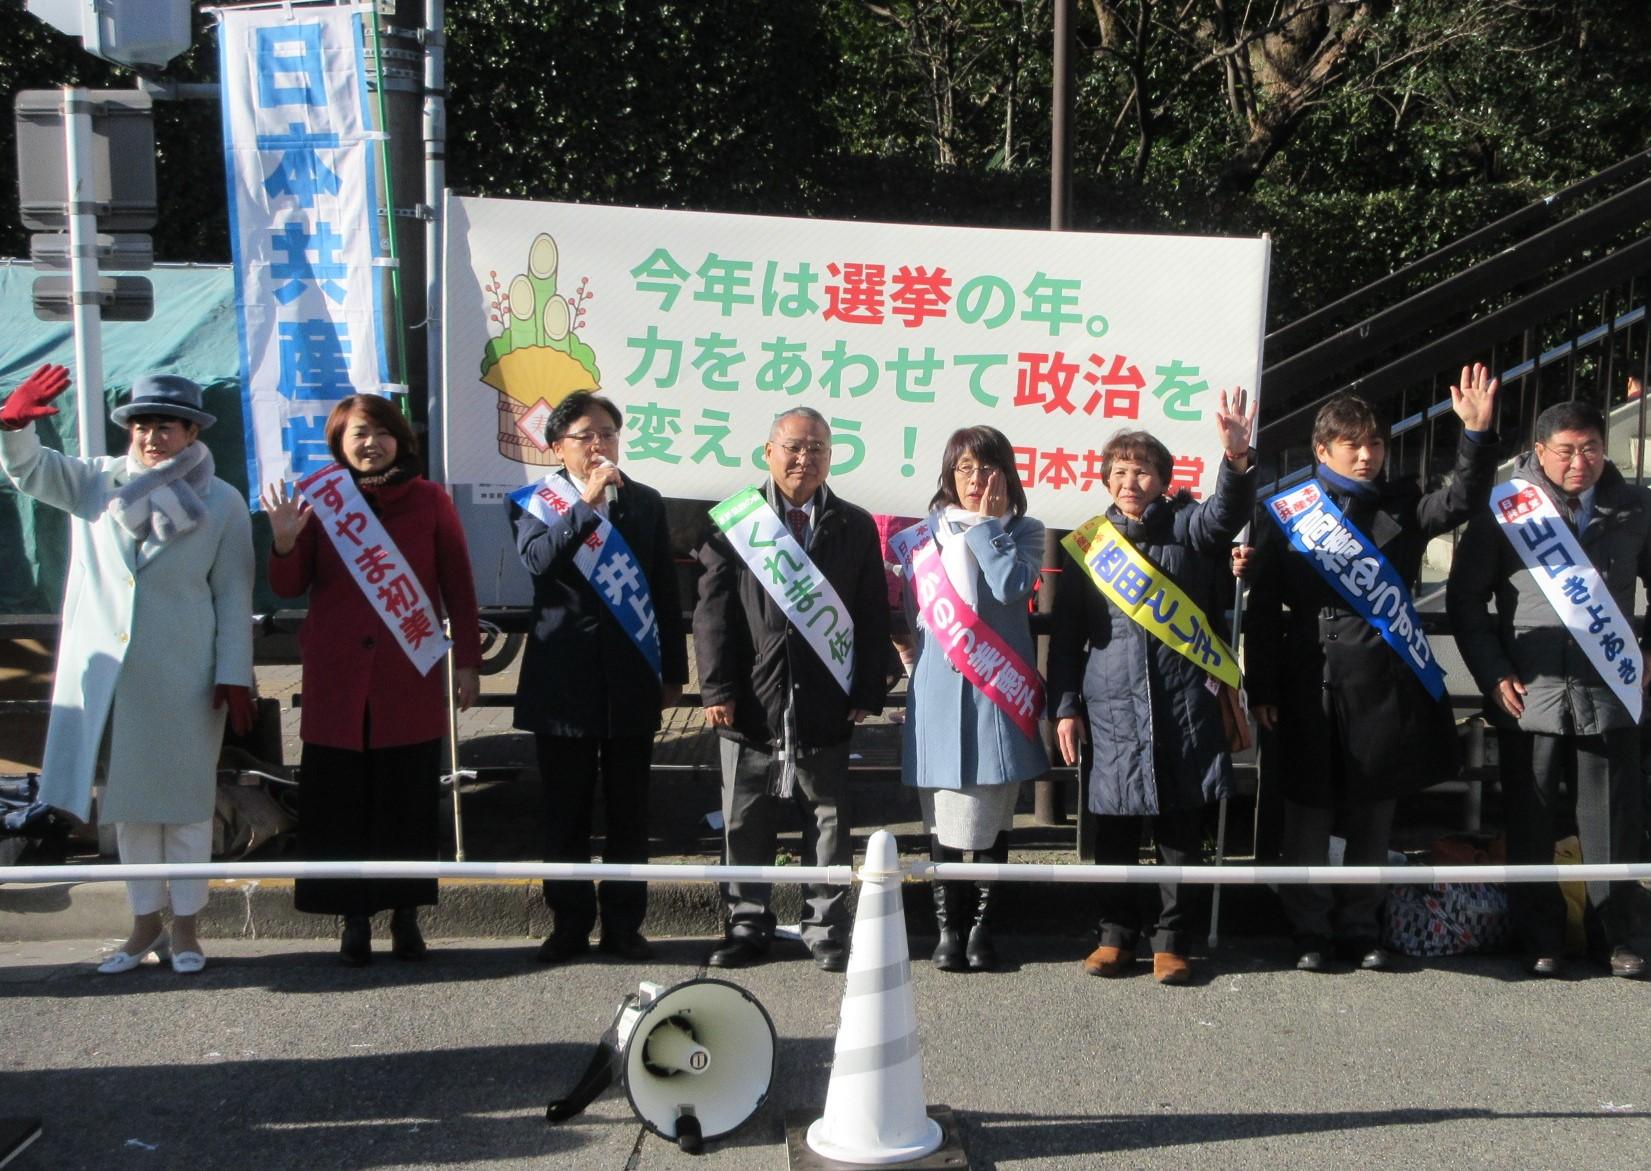 http://www.inoue-satoshi.com/diary/IMG_7659.JPG